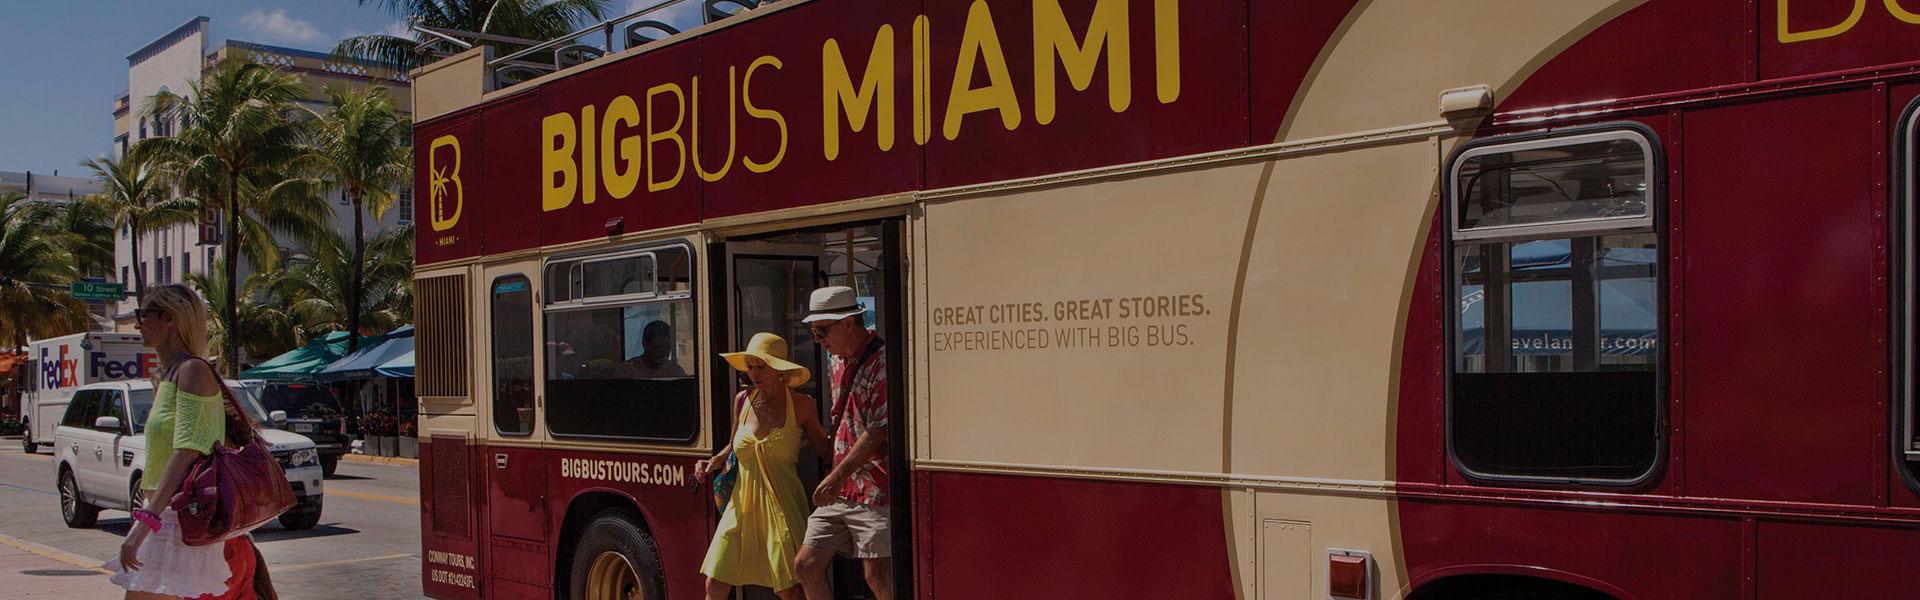 Fahrgäste steigen aus Big Bus in Miami aus